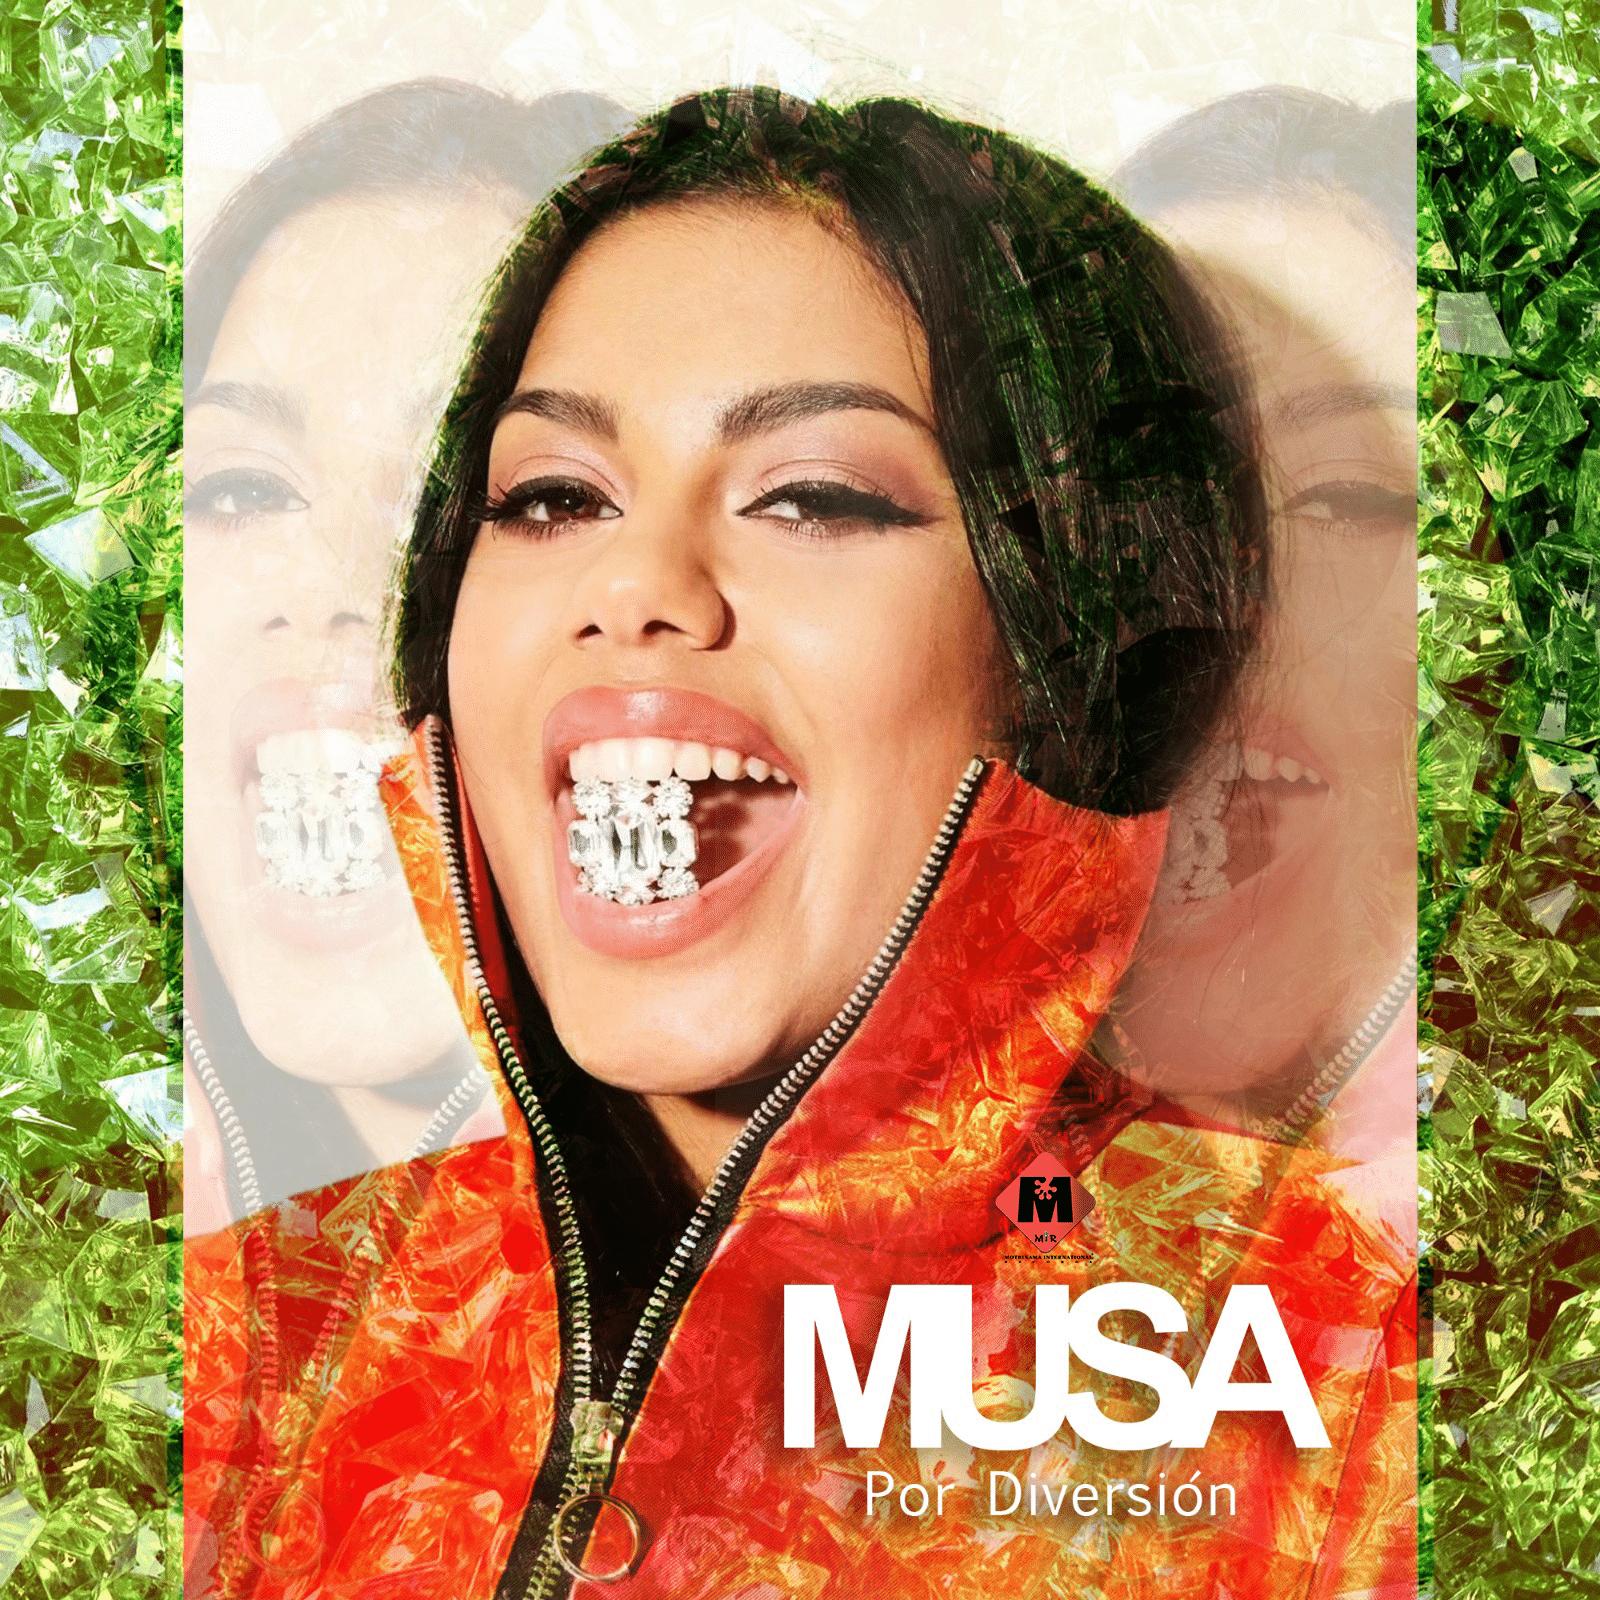 MUSA - Por Diversíon